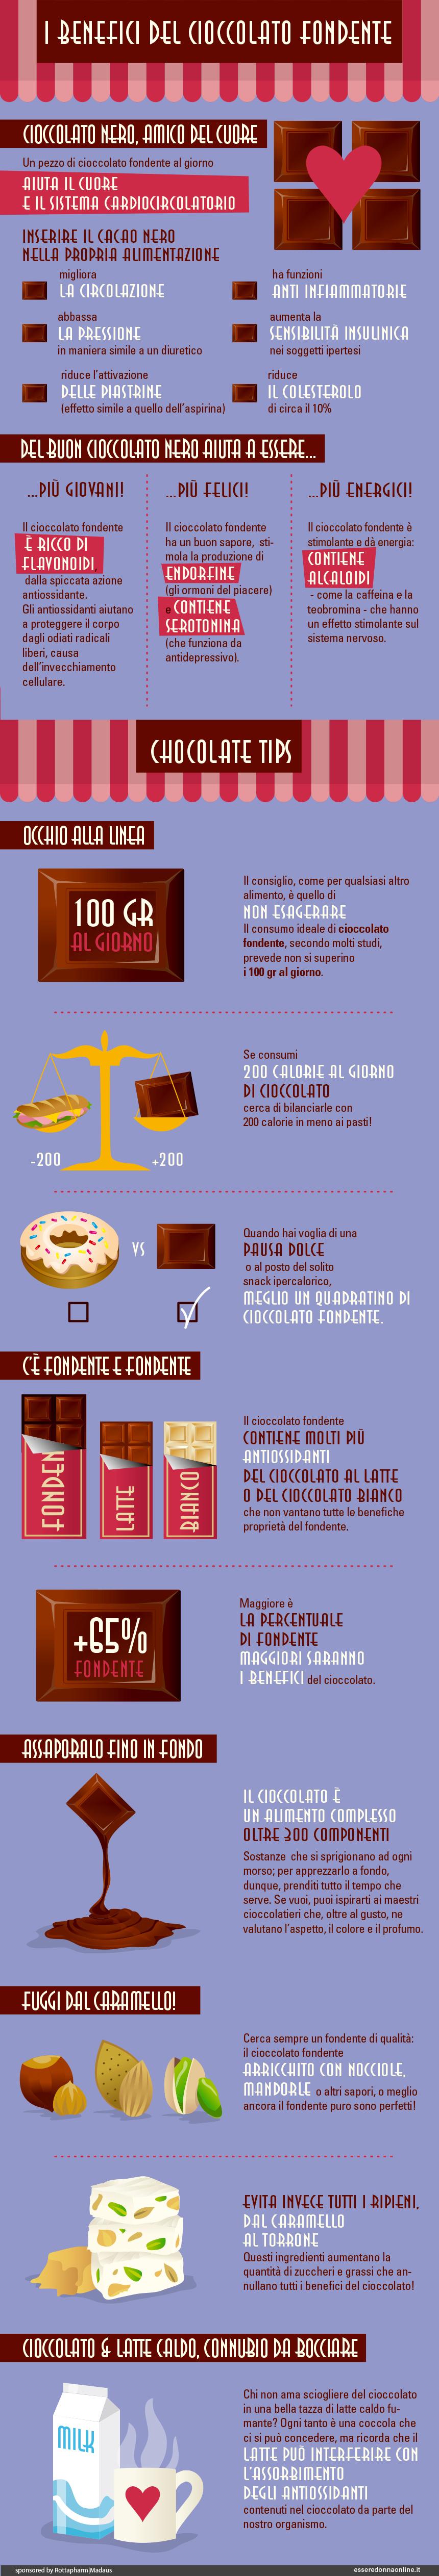 proprietà del cioccolato fondente infografica